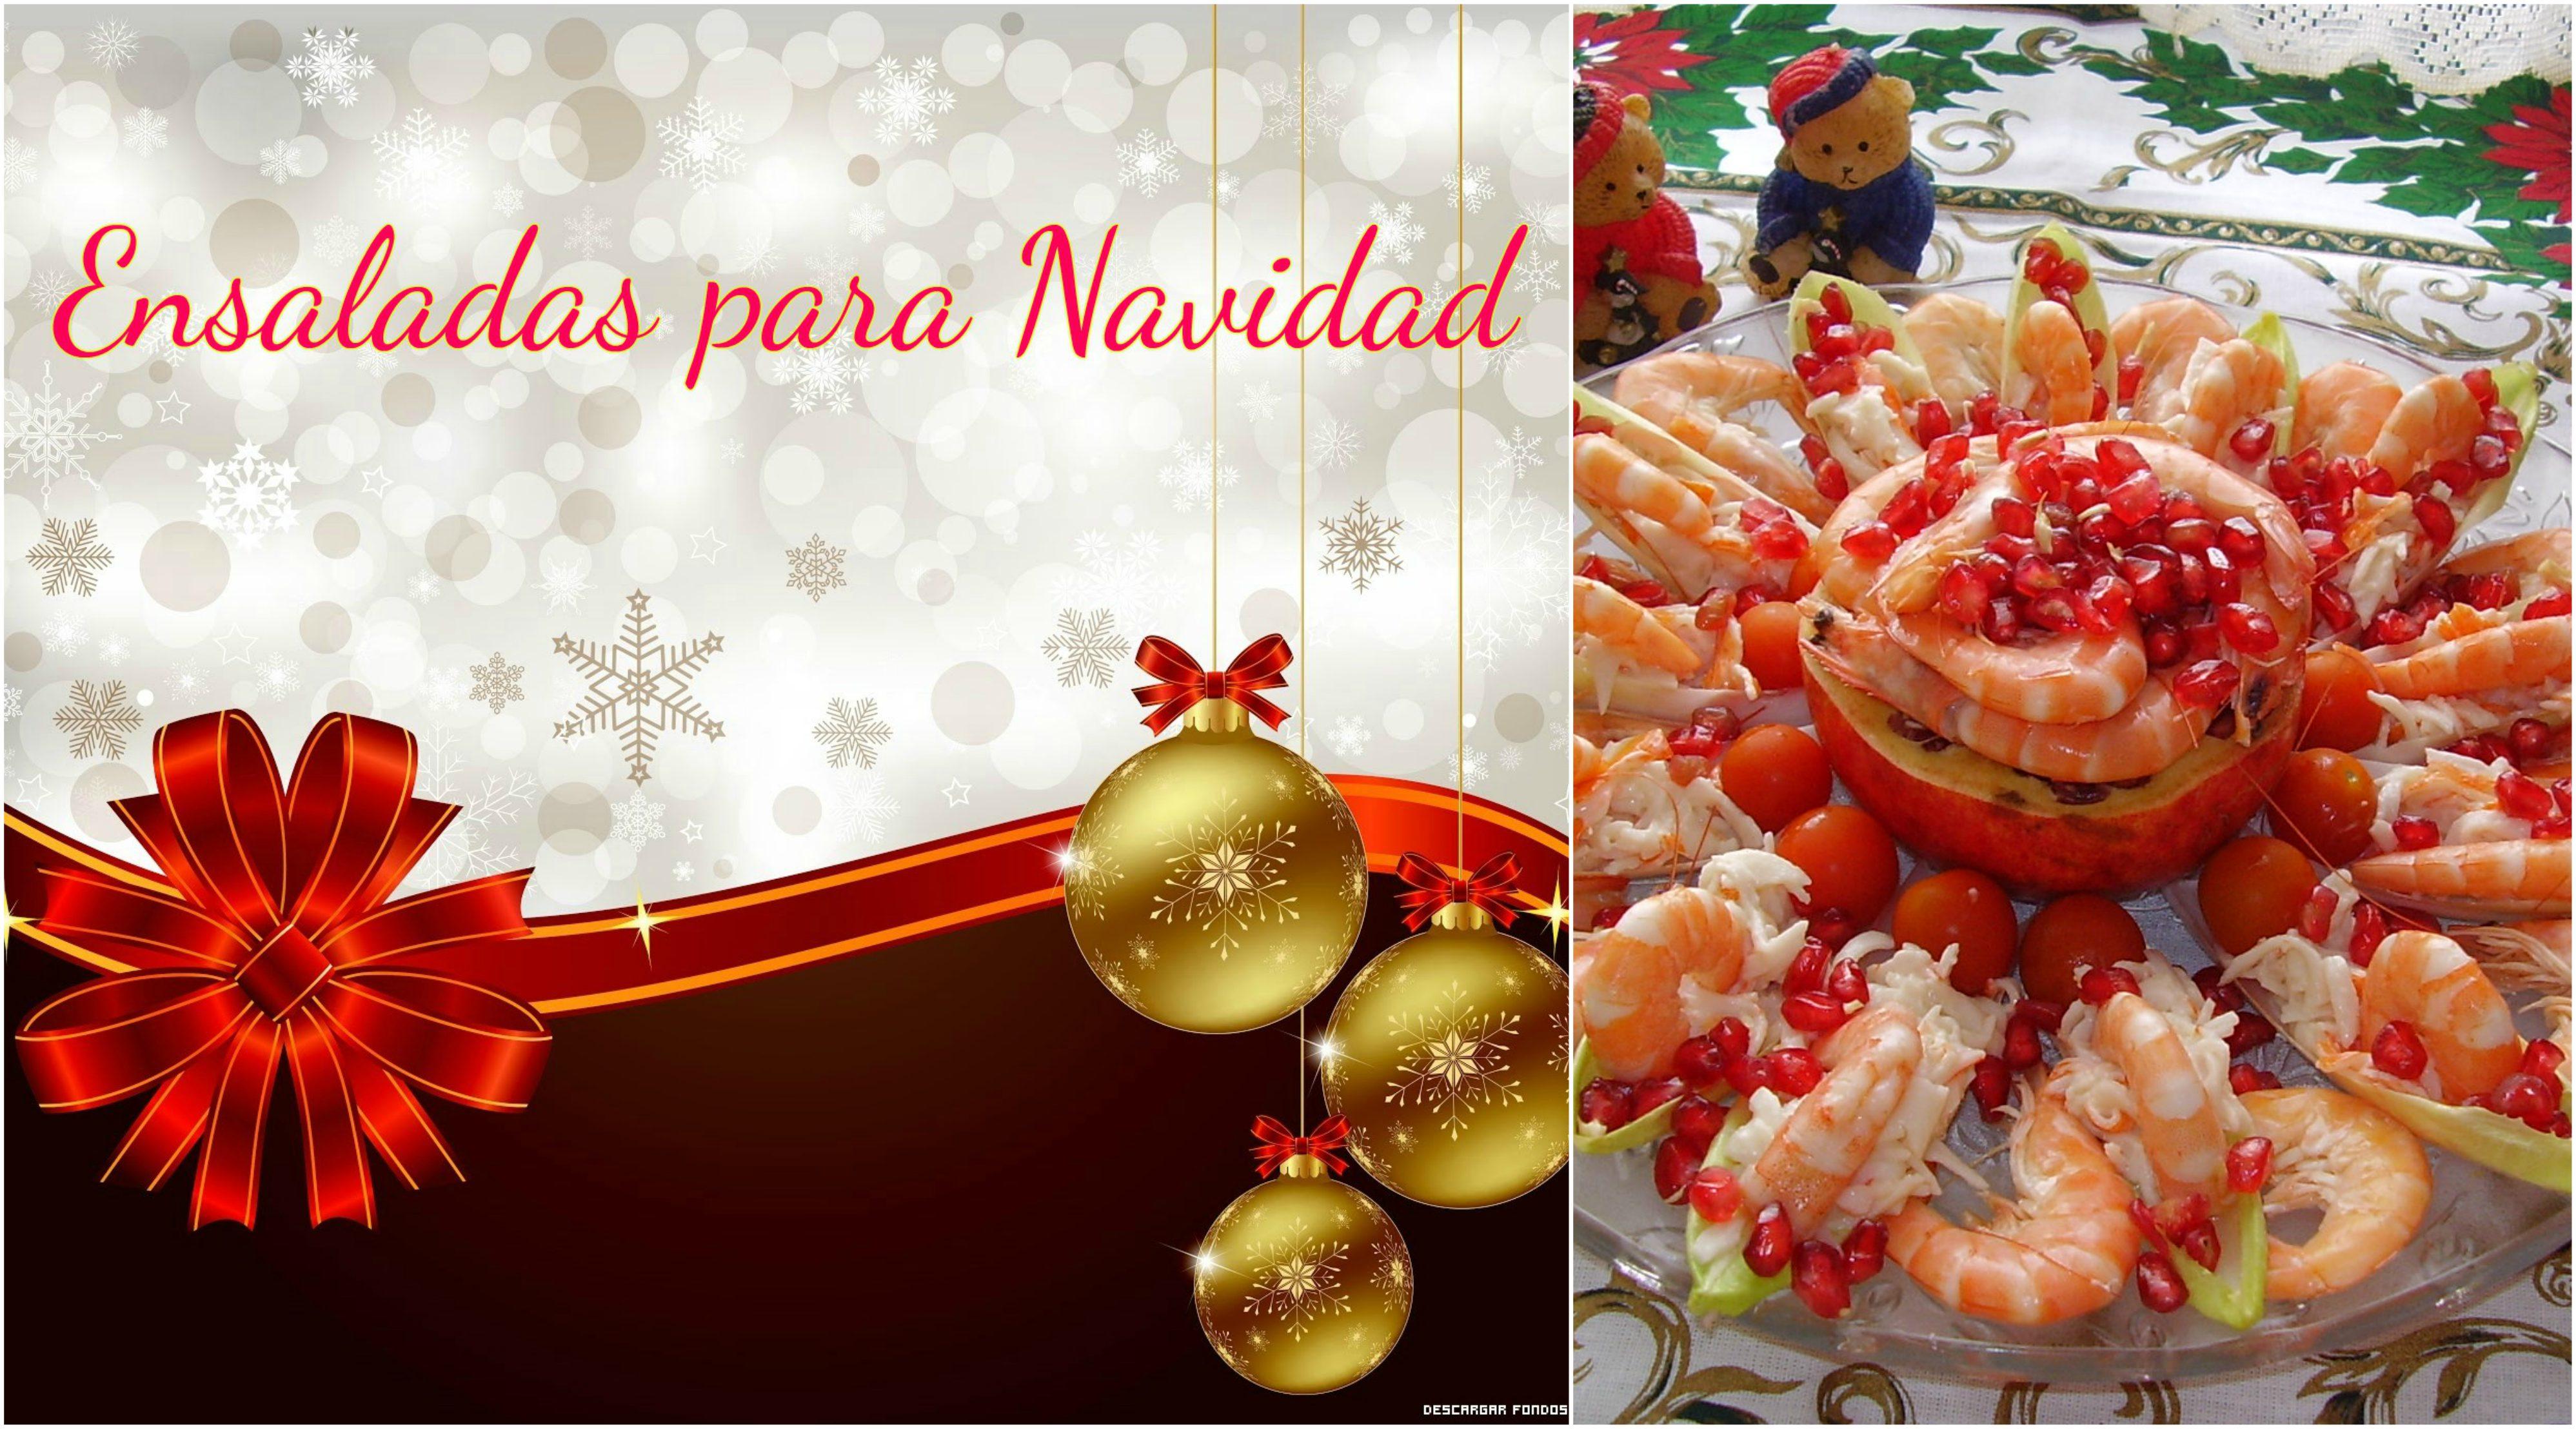 ensaladas para navidad la cocina de pedro y yolanda